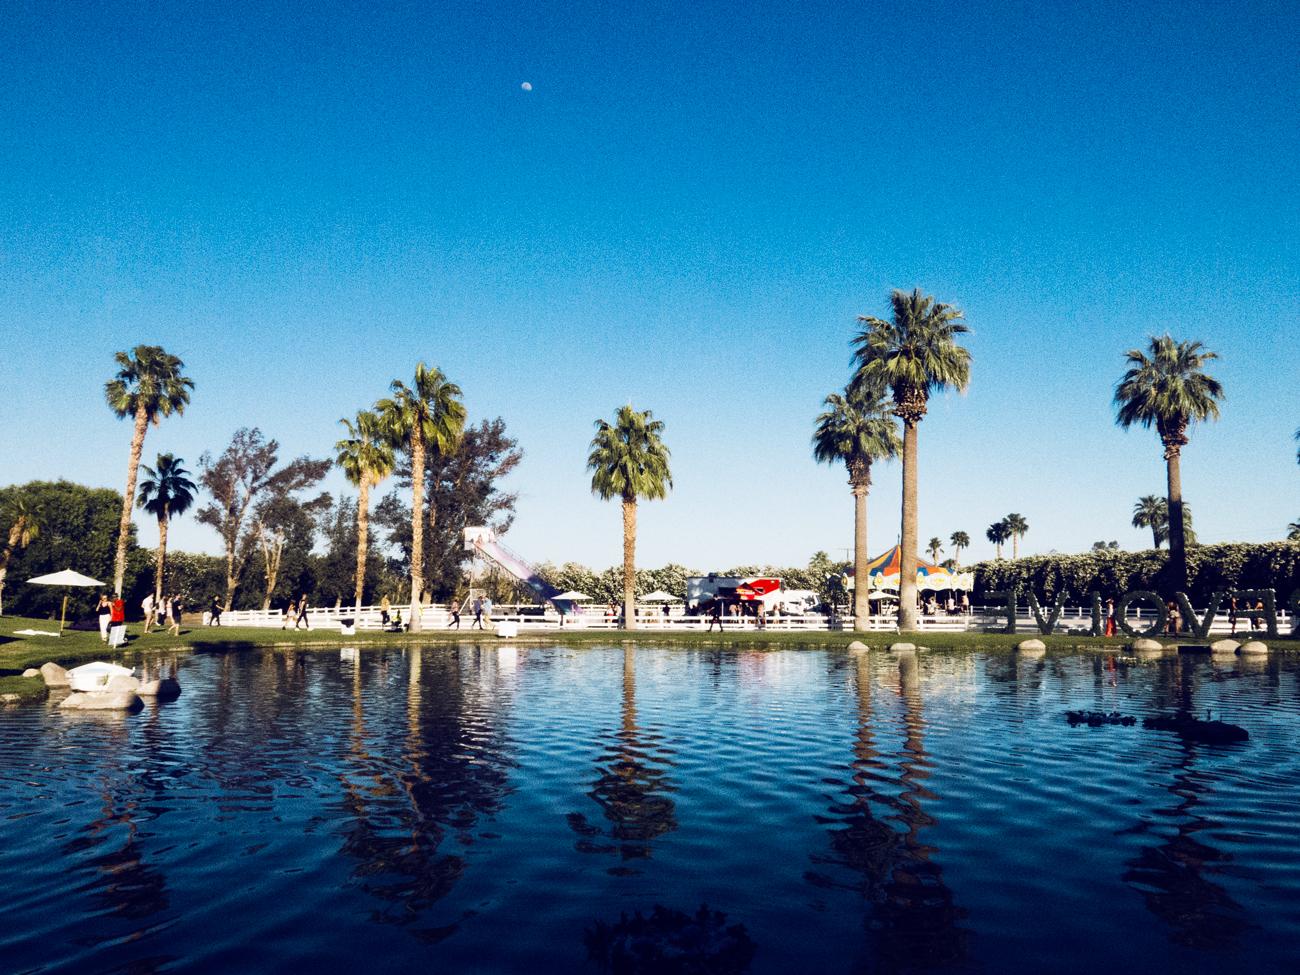 Kenza_Zouiten_Coachella_day3_10